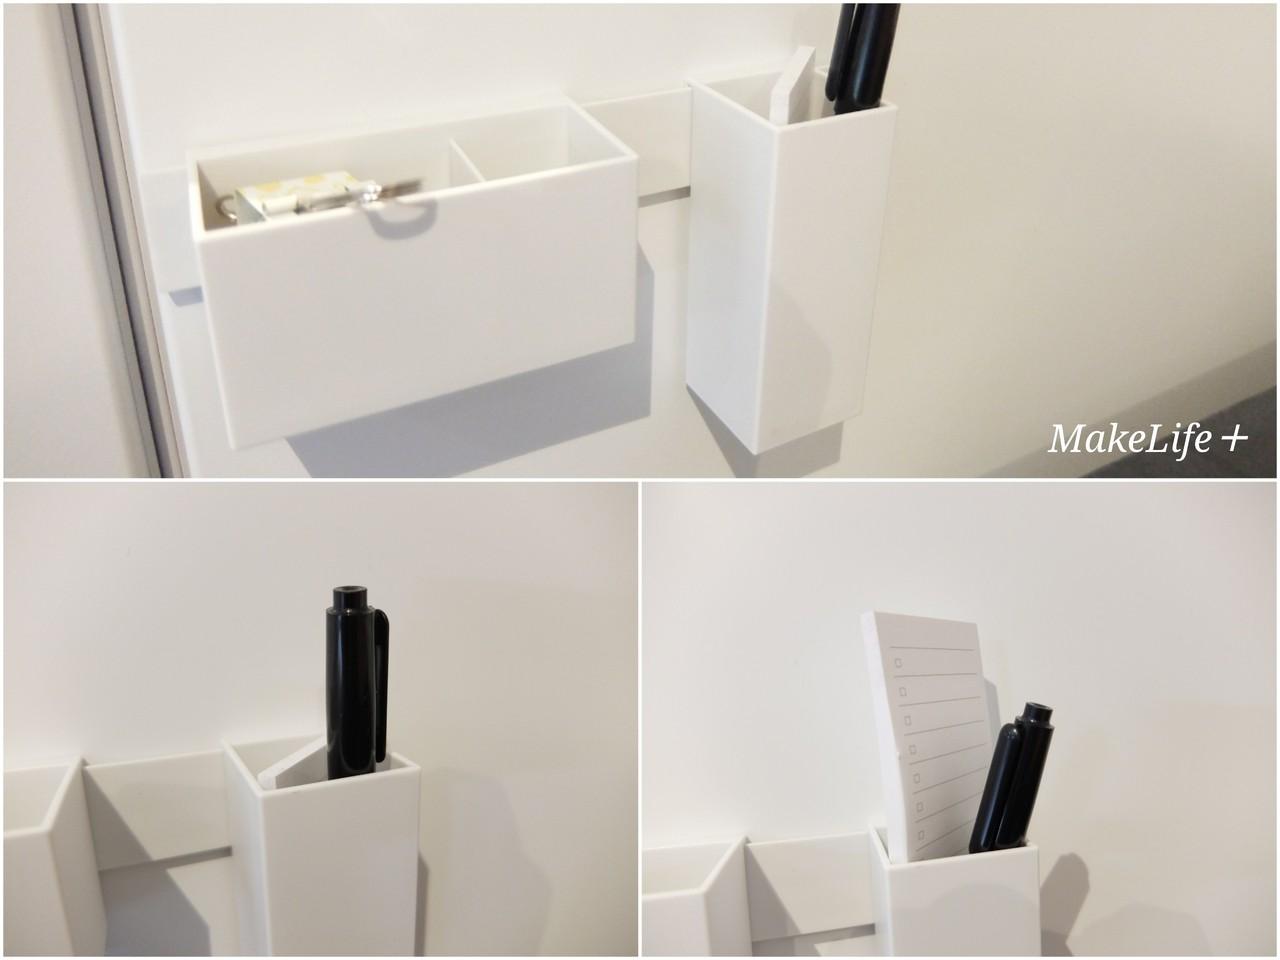 無印のマグネットバーとファイルボックス用ポケットを組み合わせてハンコ入れを玄関ドアに作りました。  頻繁に宅配便を利用するのでここにあるとワンアクションで ...